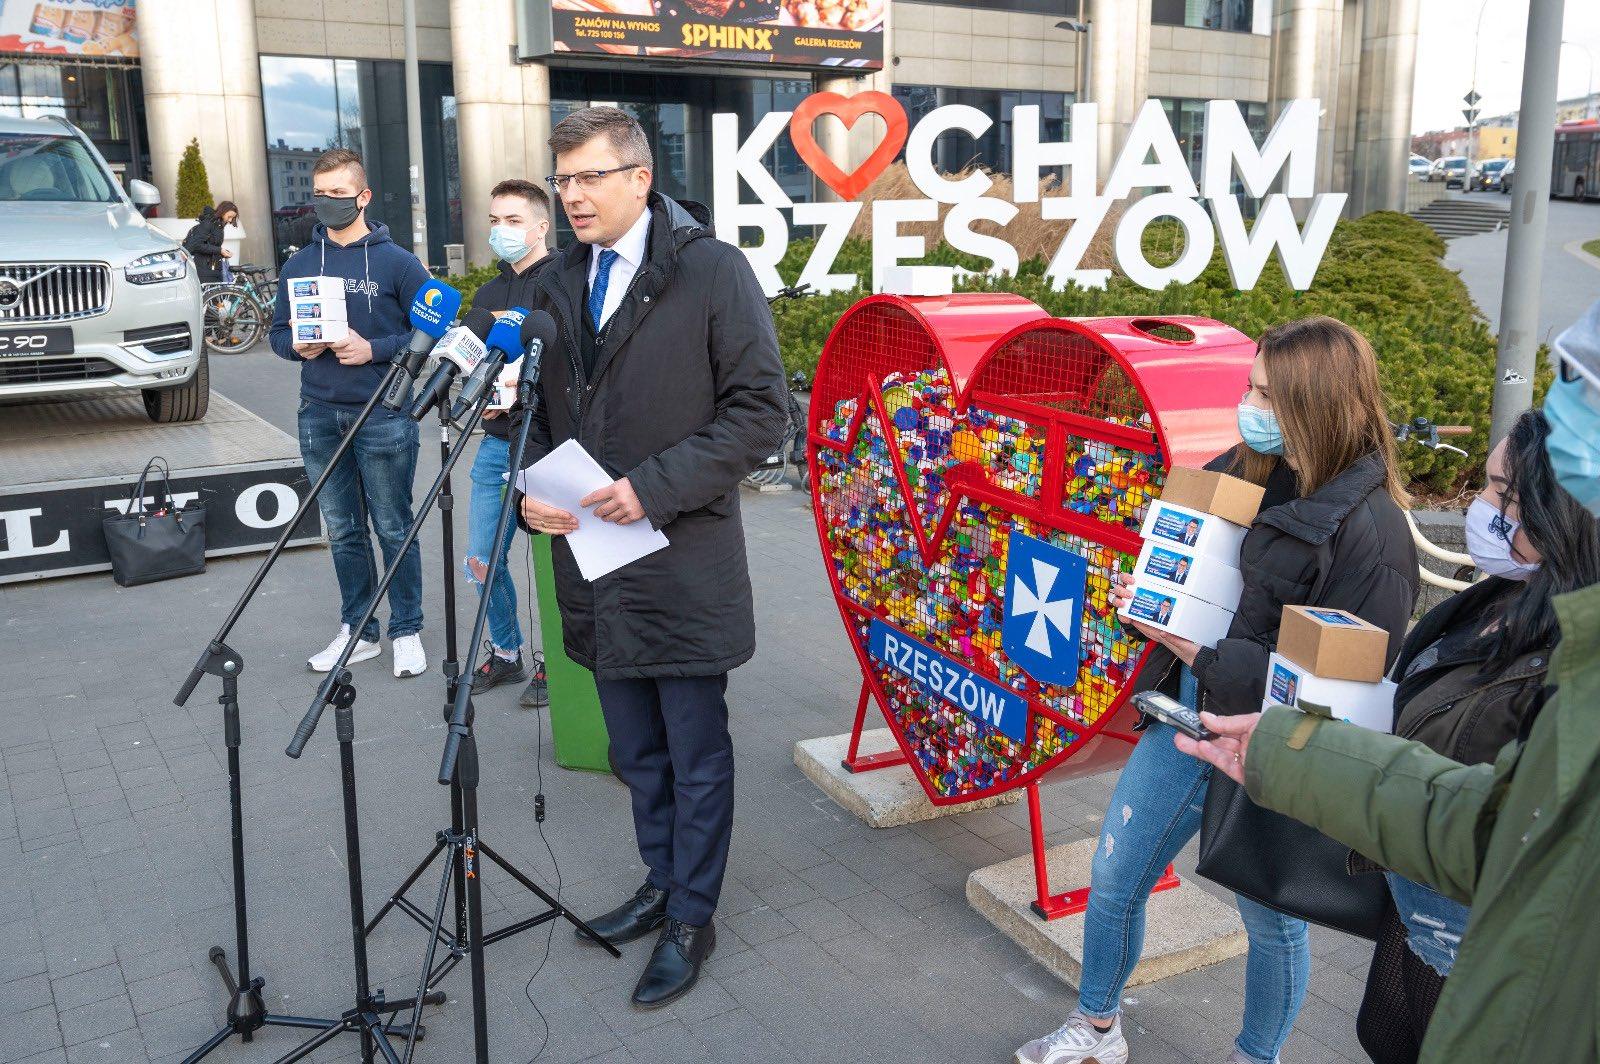 """Kandydat na prezydenta Rzeszowa, Marcin Warchoł, obiecuje """"smart city"""", 18 marca 2021, źródło: profil na Twitterze Marcina Warchoła"""